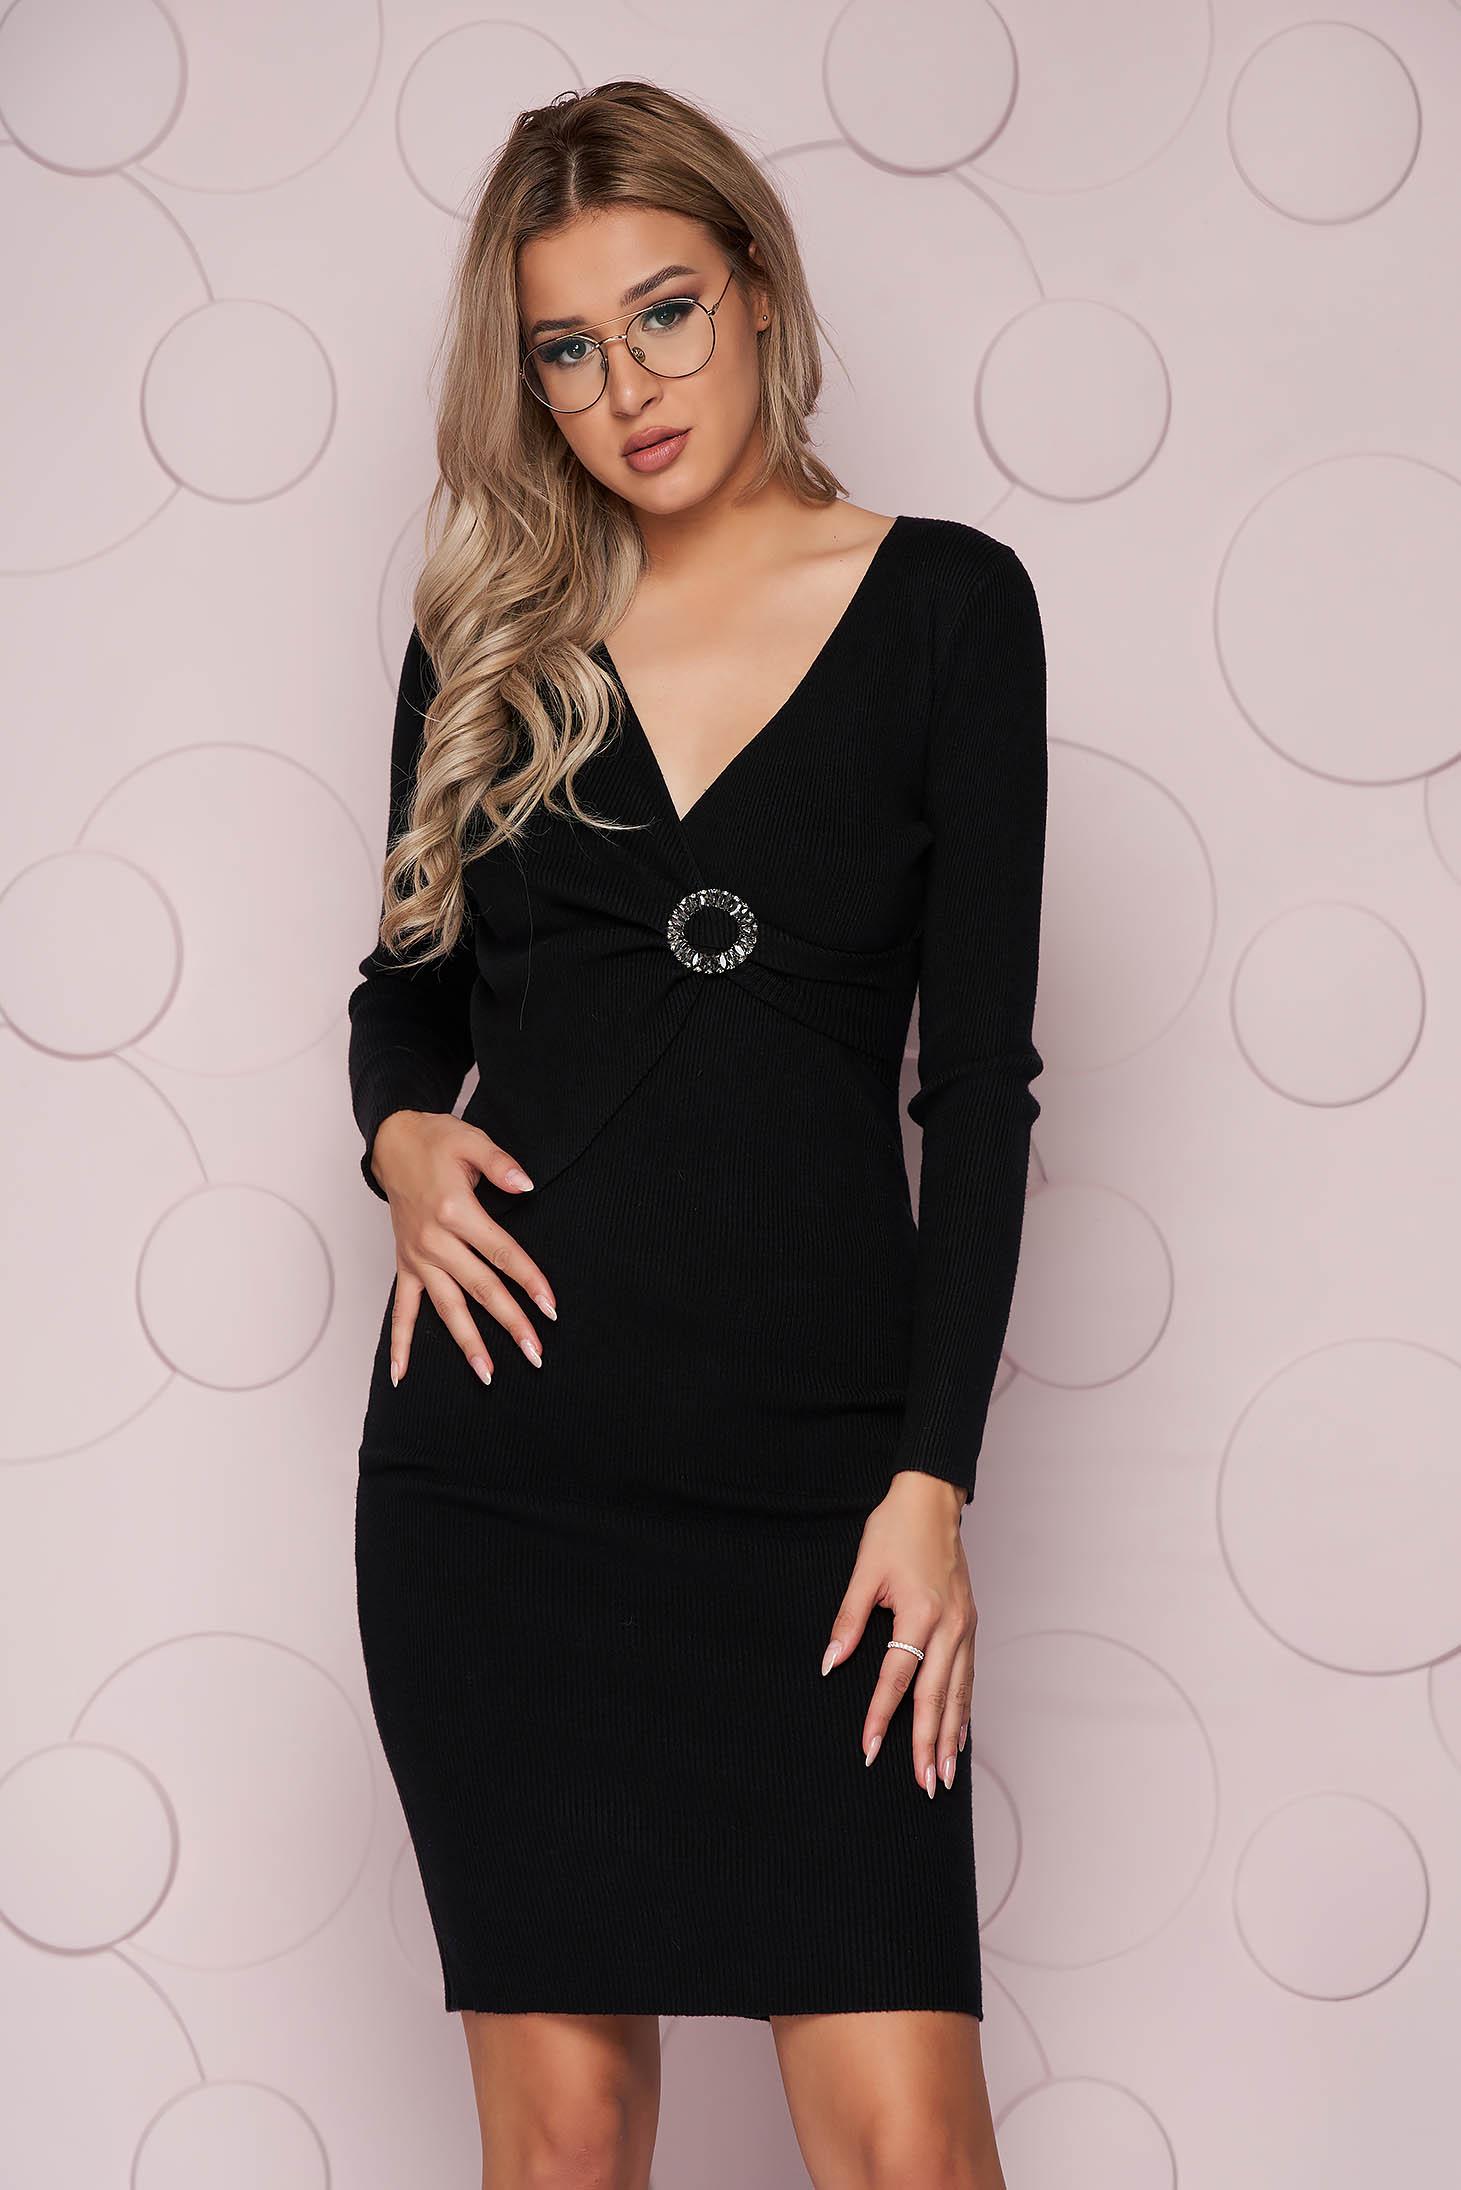 Rochie SunShine neagra midi cu un croi mulat din material elastic tricotat accesorizata cu brosa